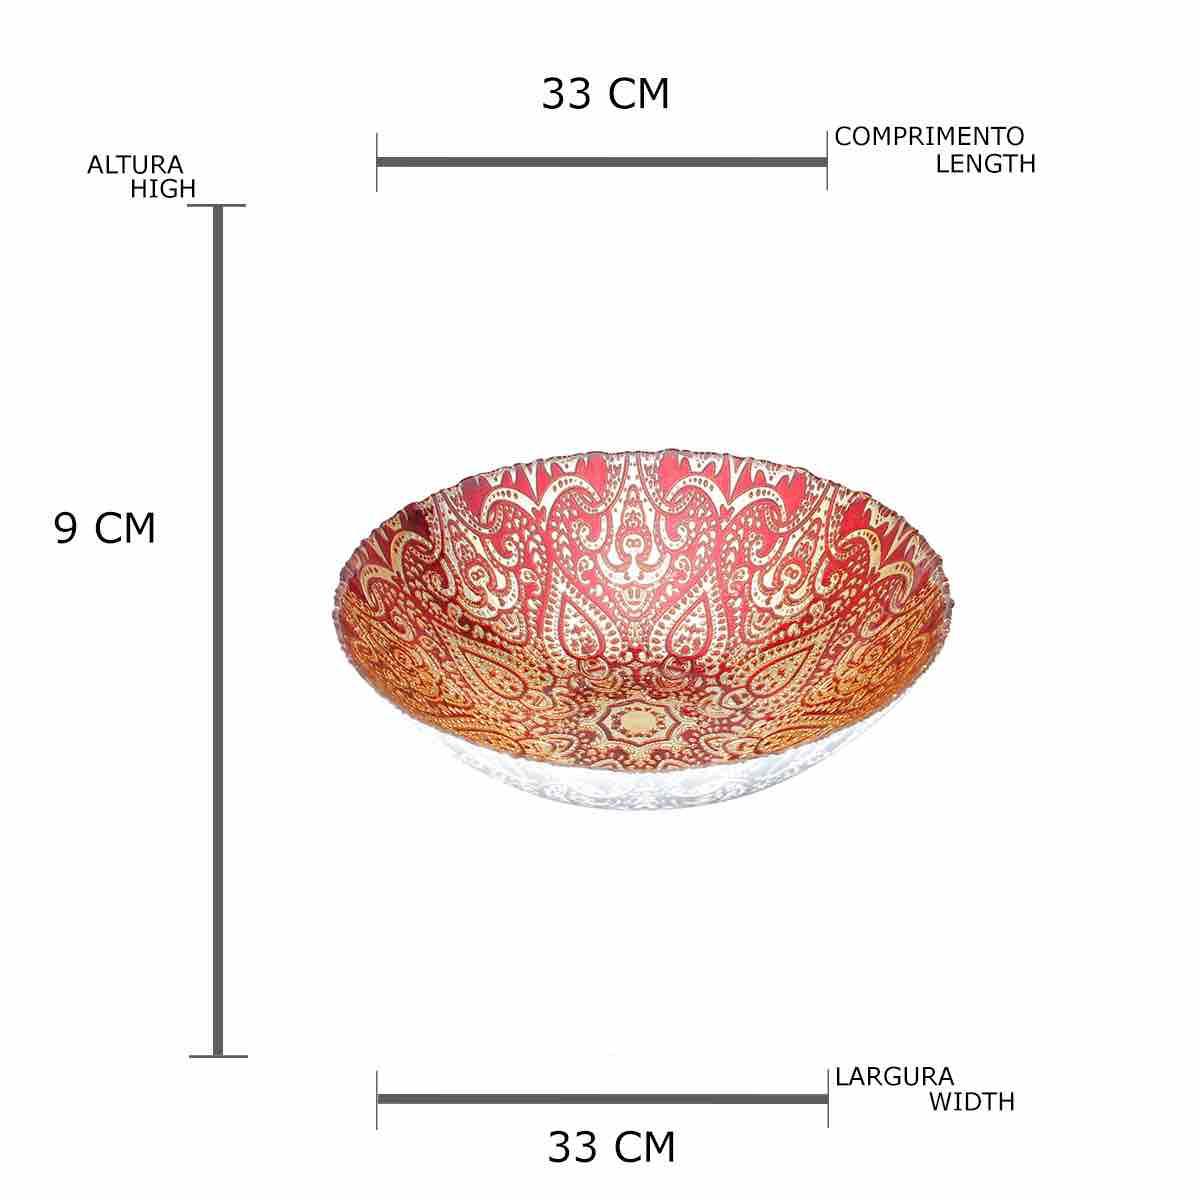 Centro de Mesa Decorativo de Vidro Istambul Vermelho 33 x 9 cm